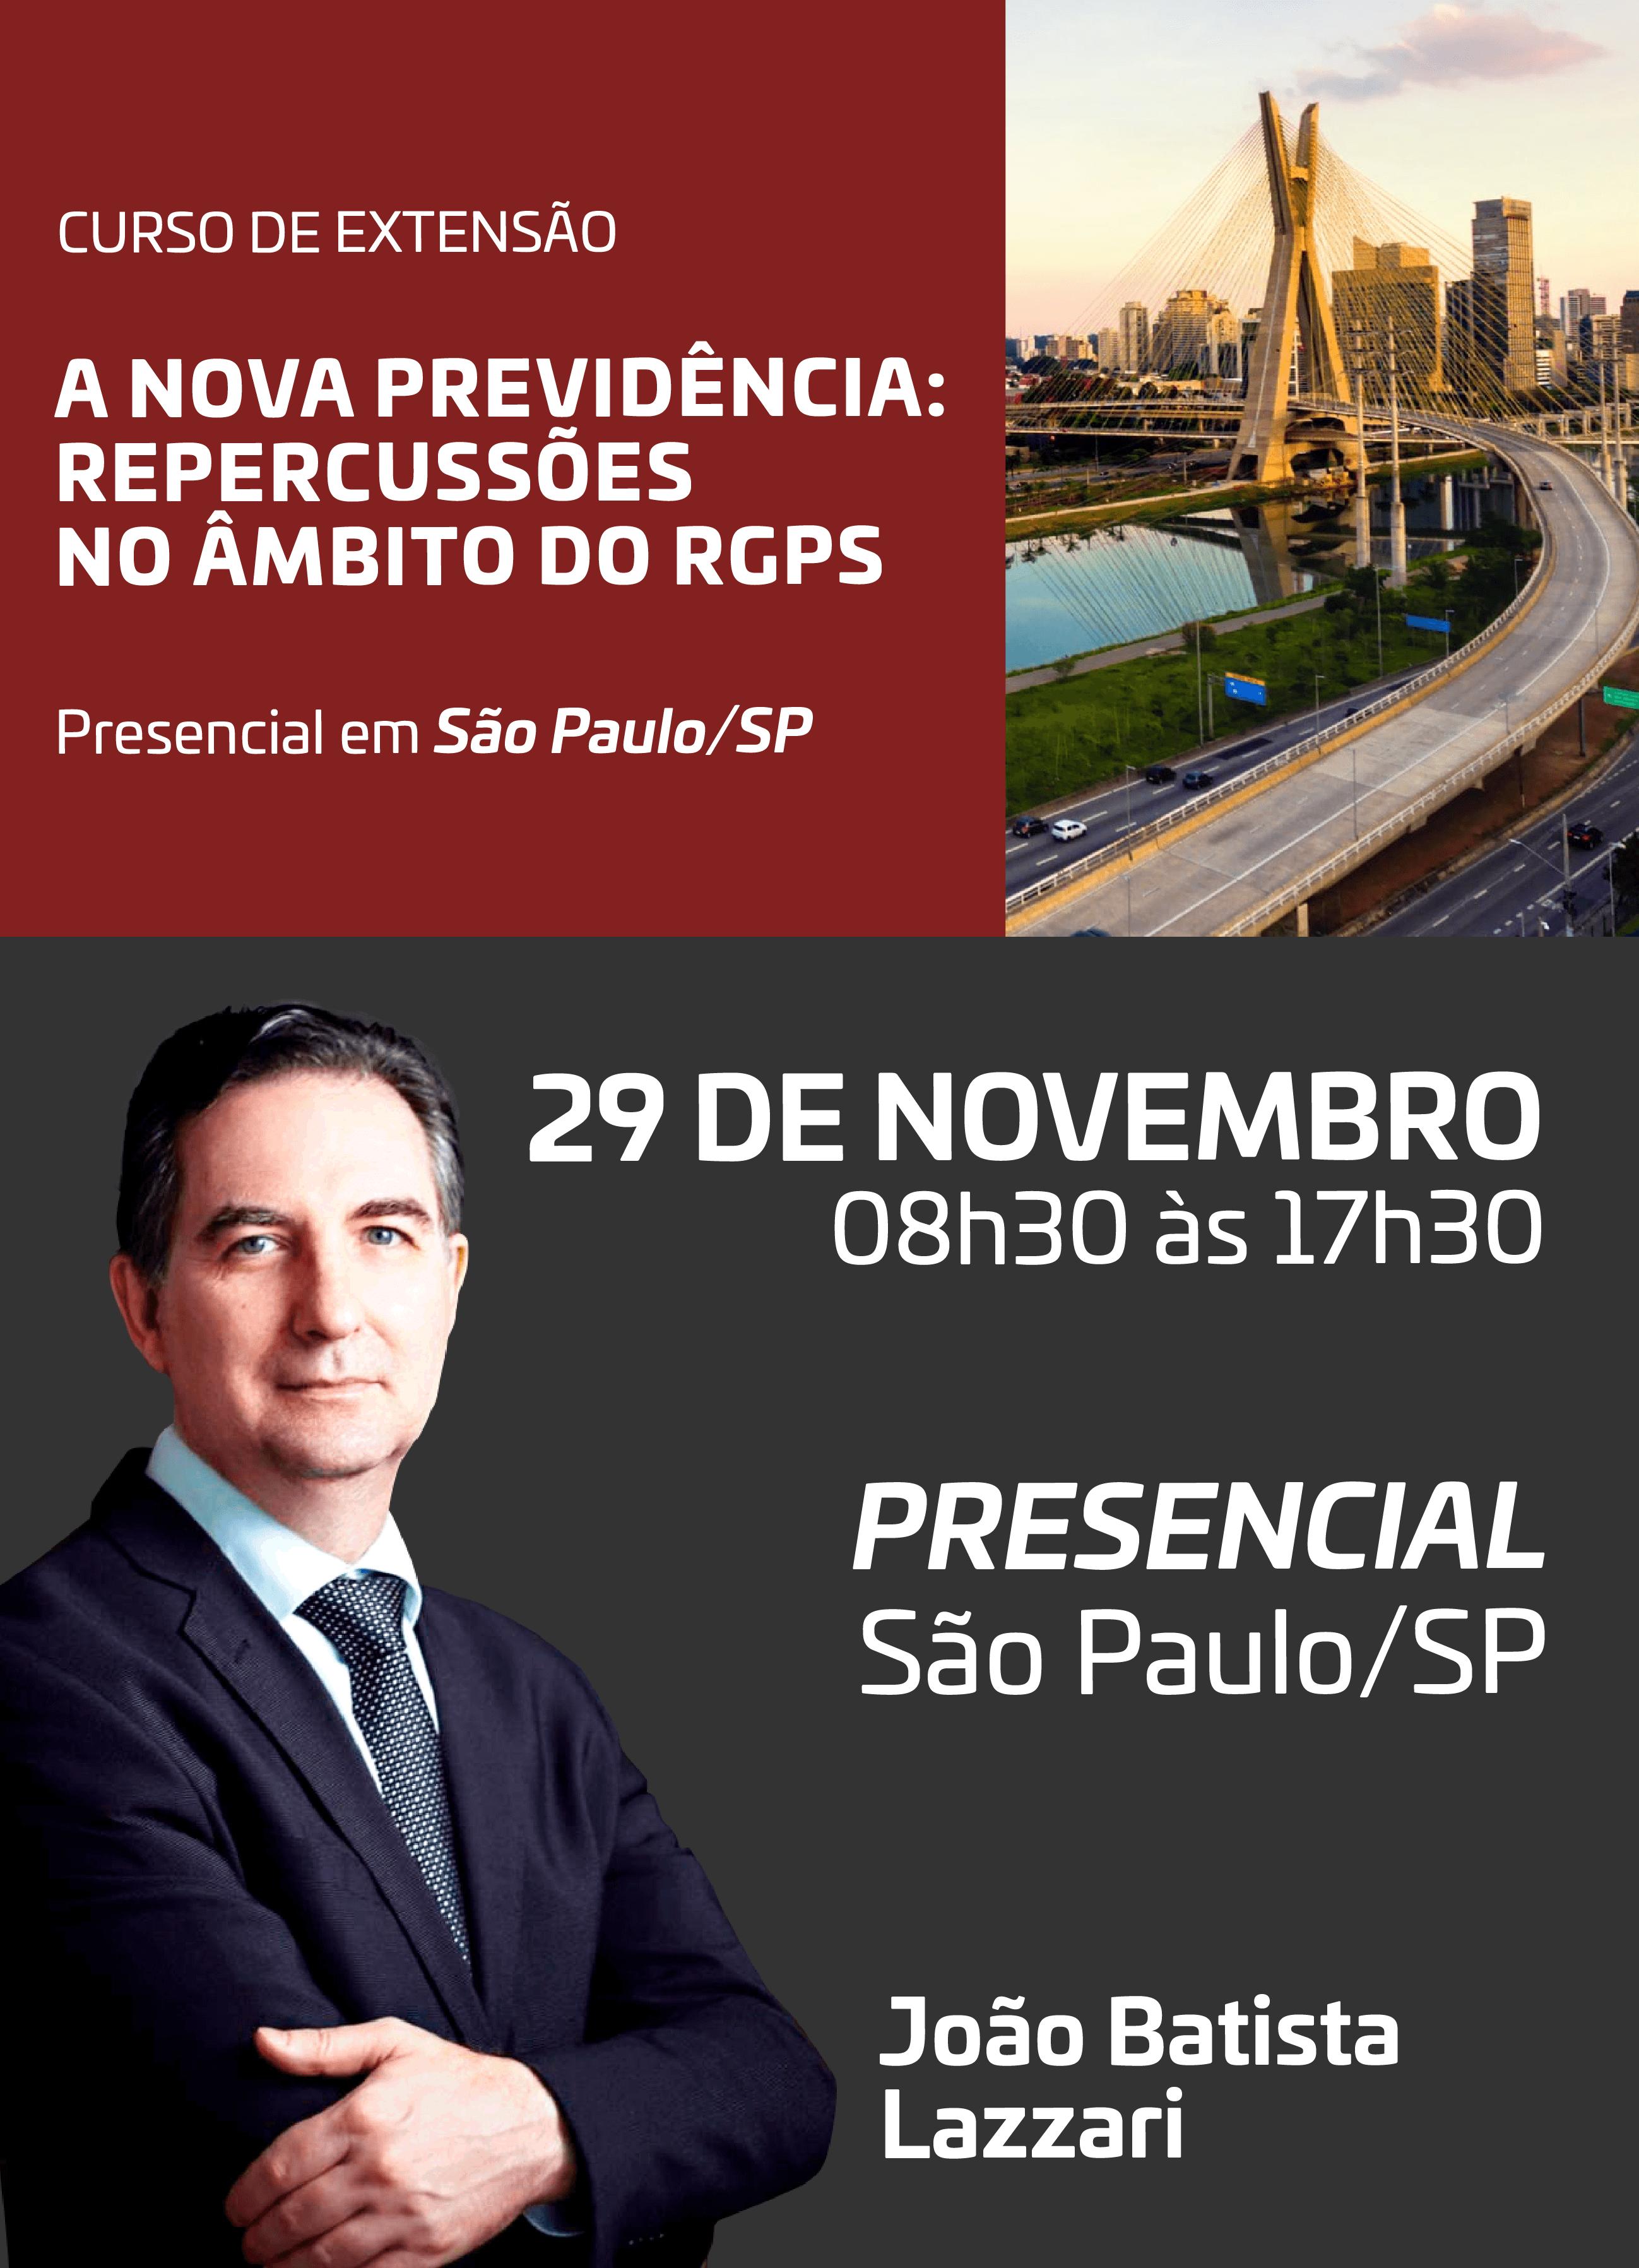 2019 - PRESENCIAL - 29/11/2019 - SÃO PAULO/SP